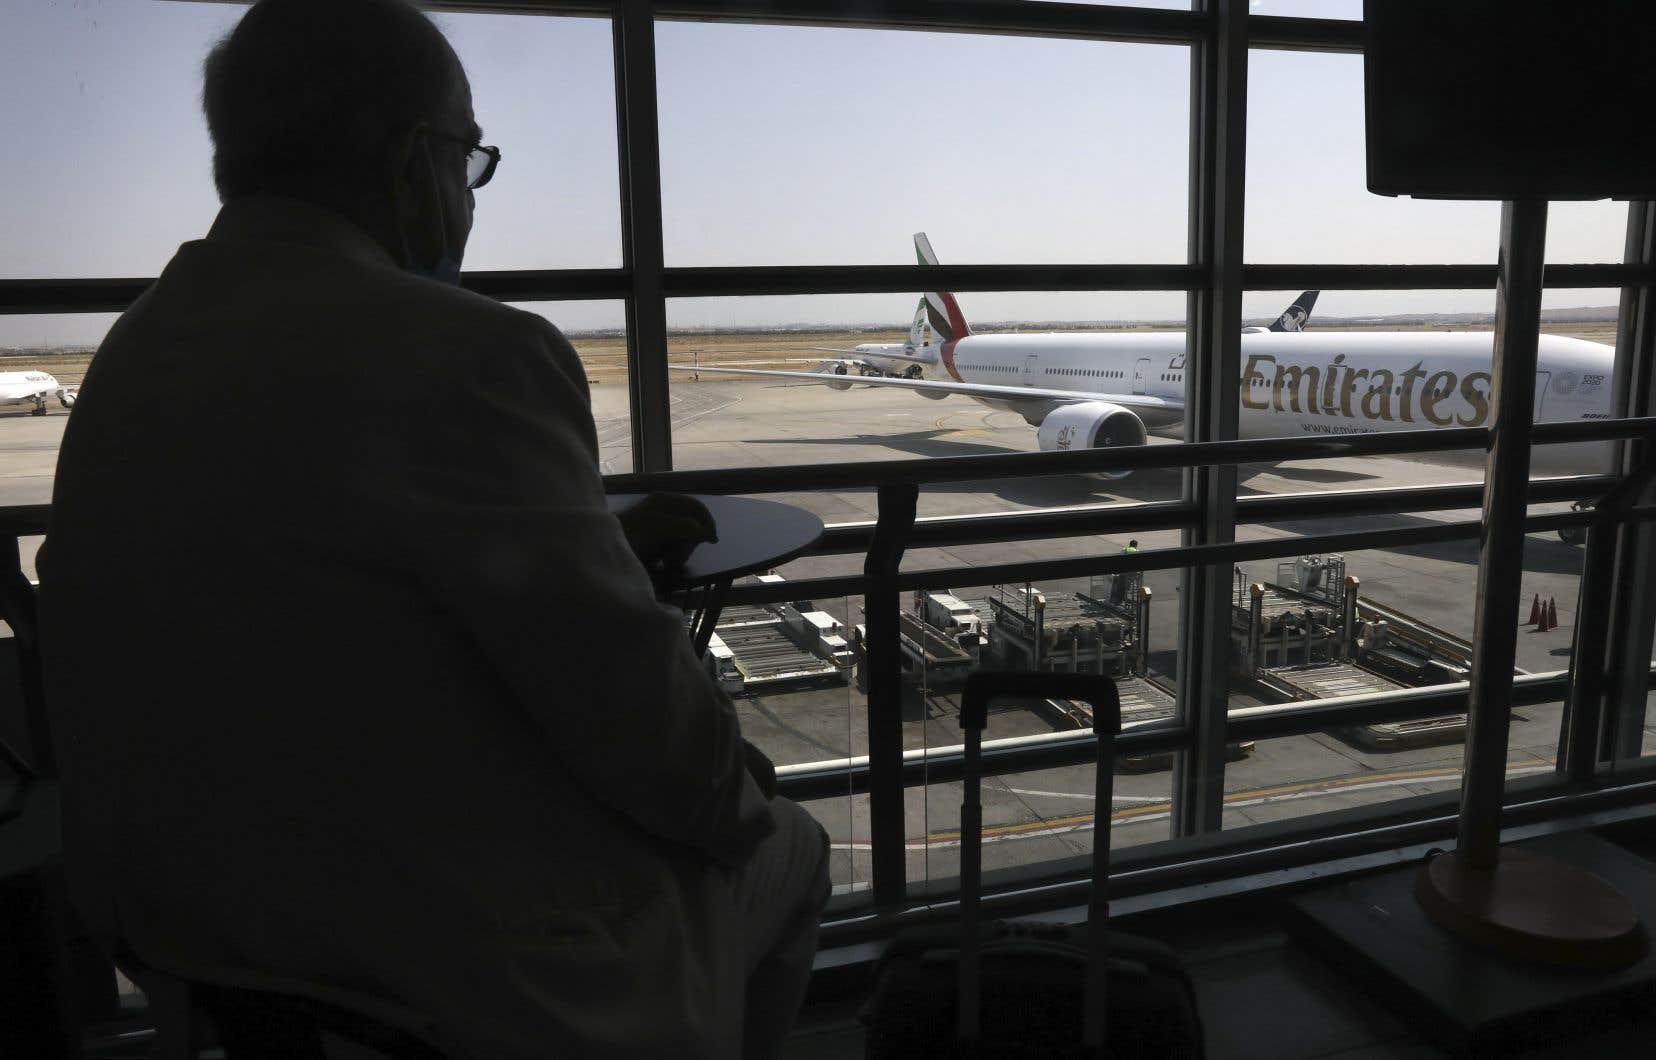 Emirates, la plus importante compagnie aérienne du Moyen-Orient, a précisé qu'elle mettrait en œuvre la première phase du test en avril, à Dubaï, une cité-État qui a largement rouvert ses frontières aux touristes internationaux.